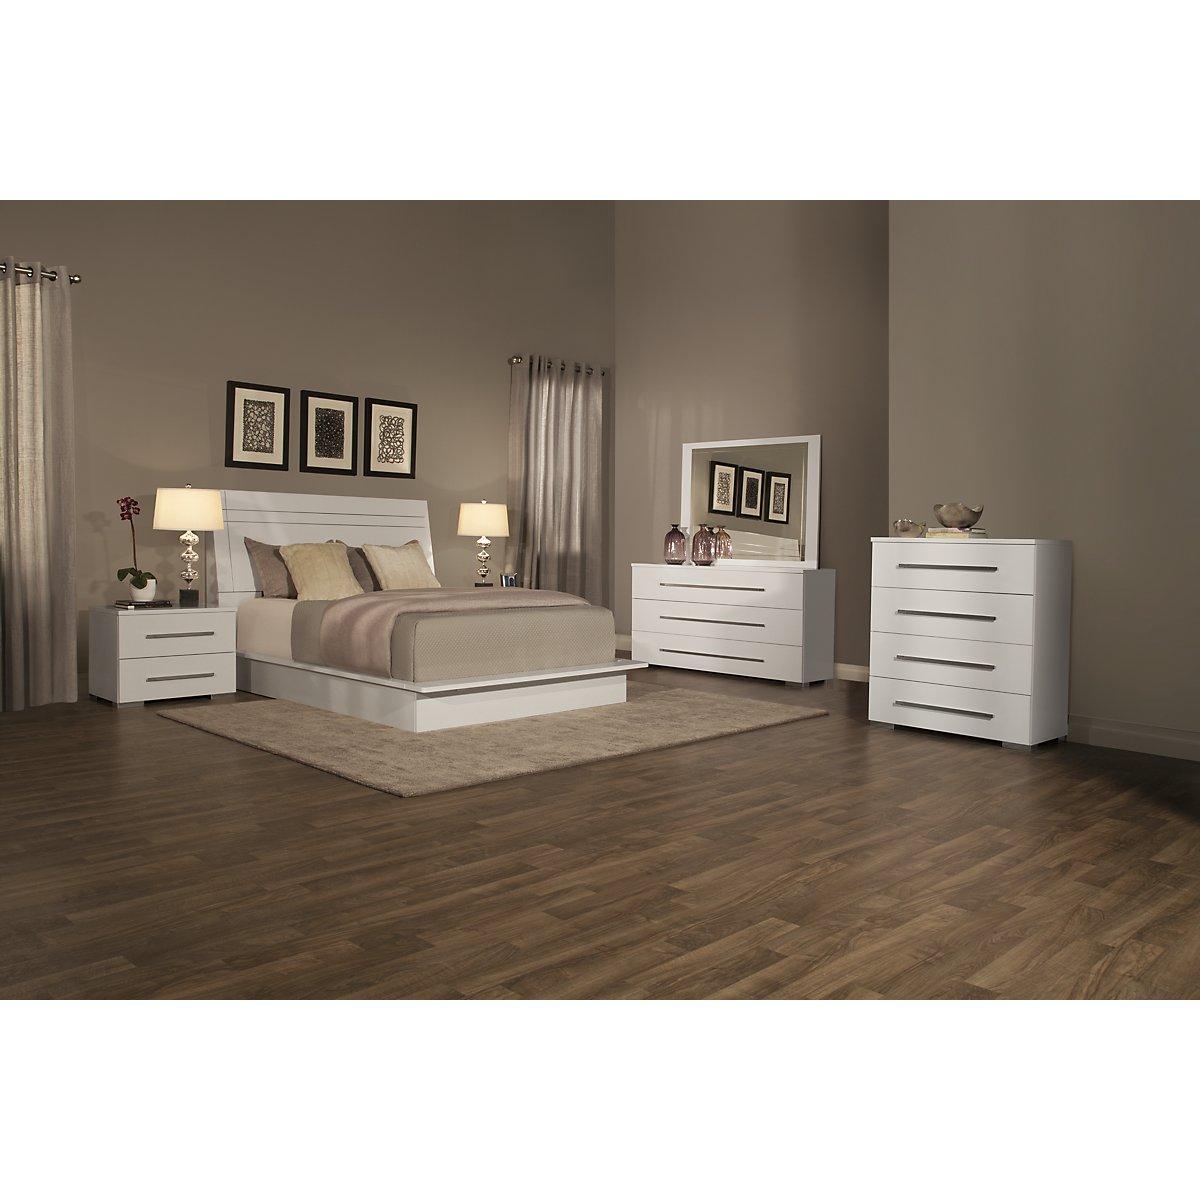 City Furniture Dimora3 White Wood Platform Bed